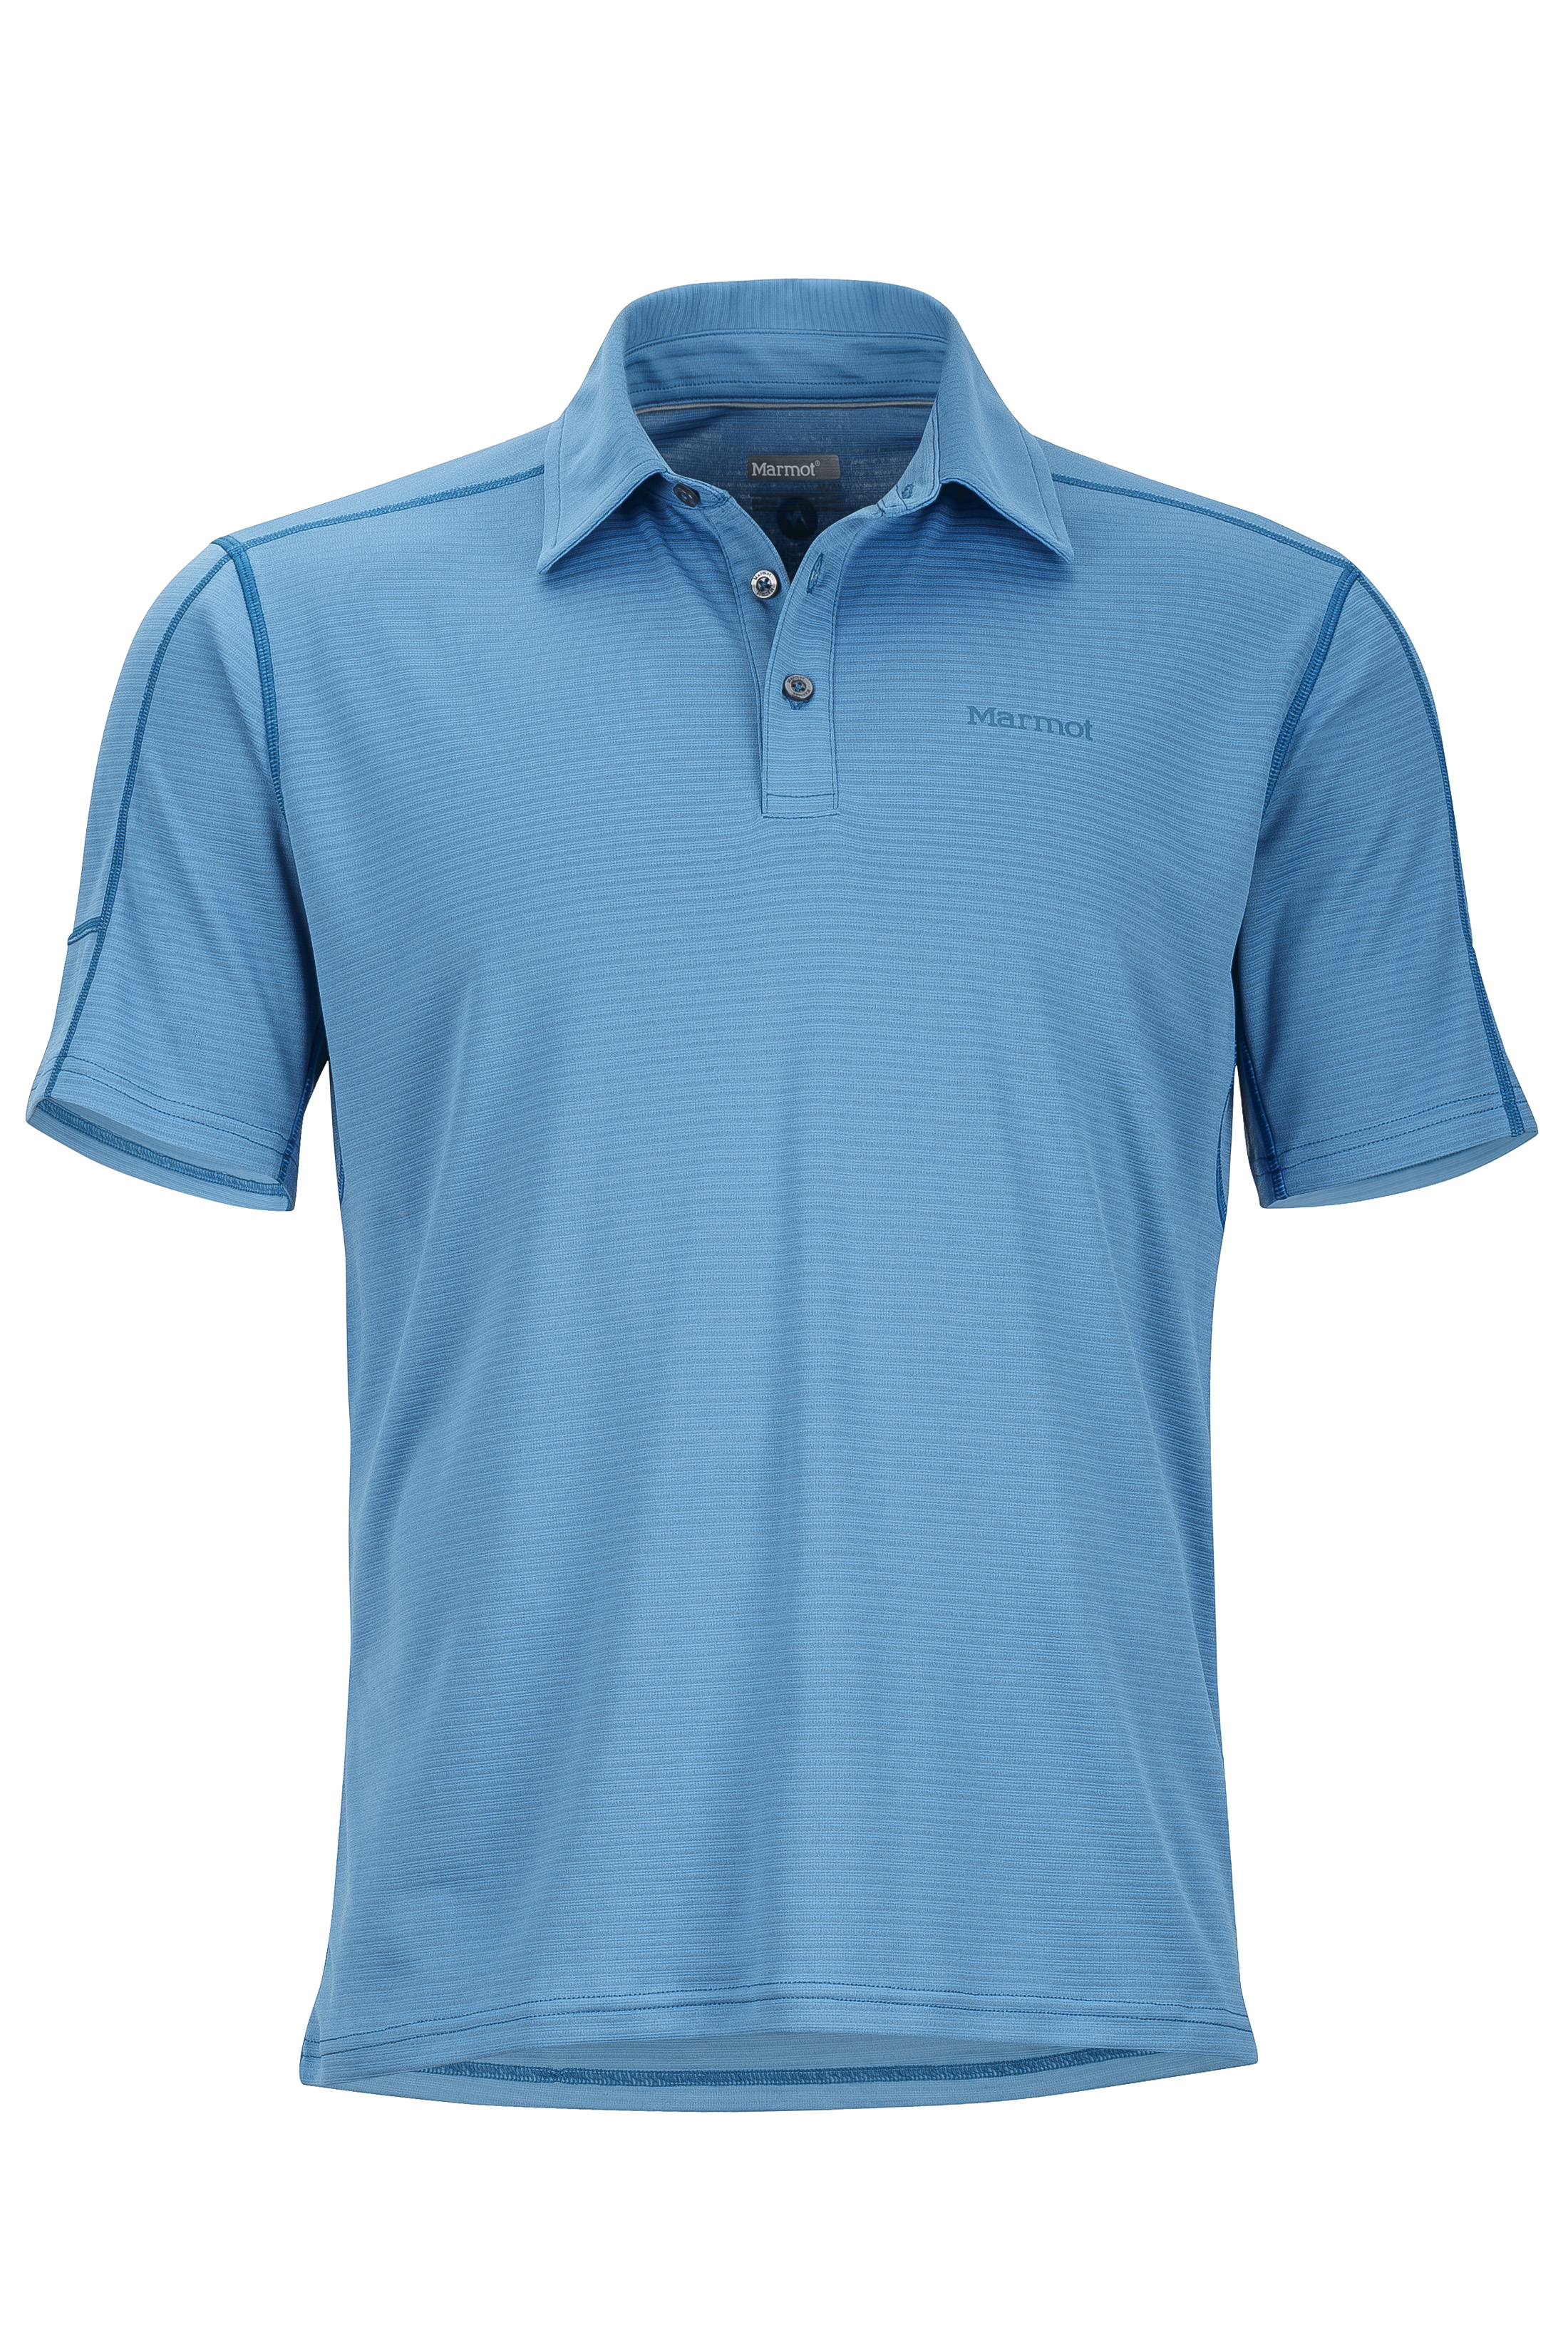 906f579a Prada Polo Tee Size | RLDM